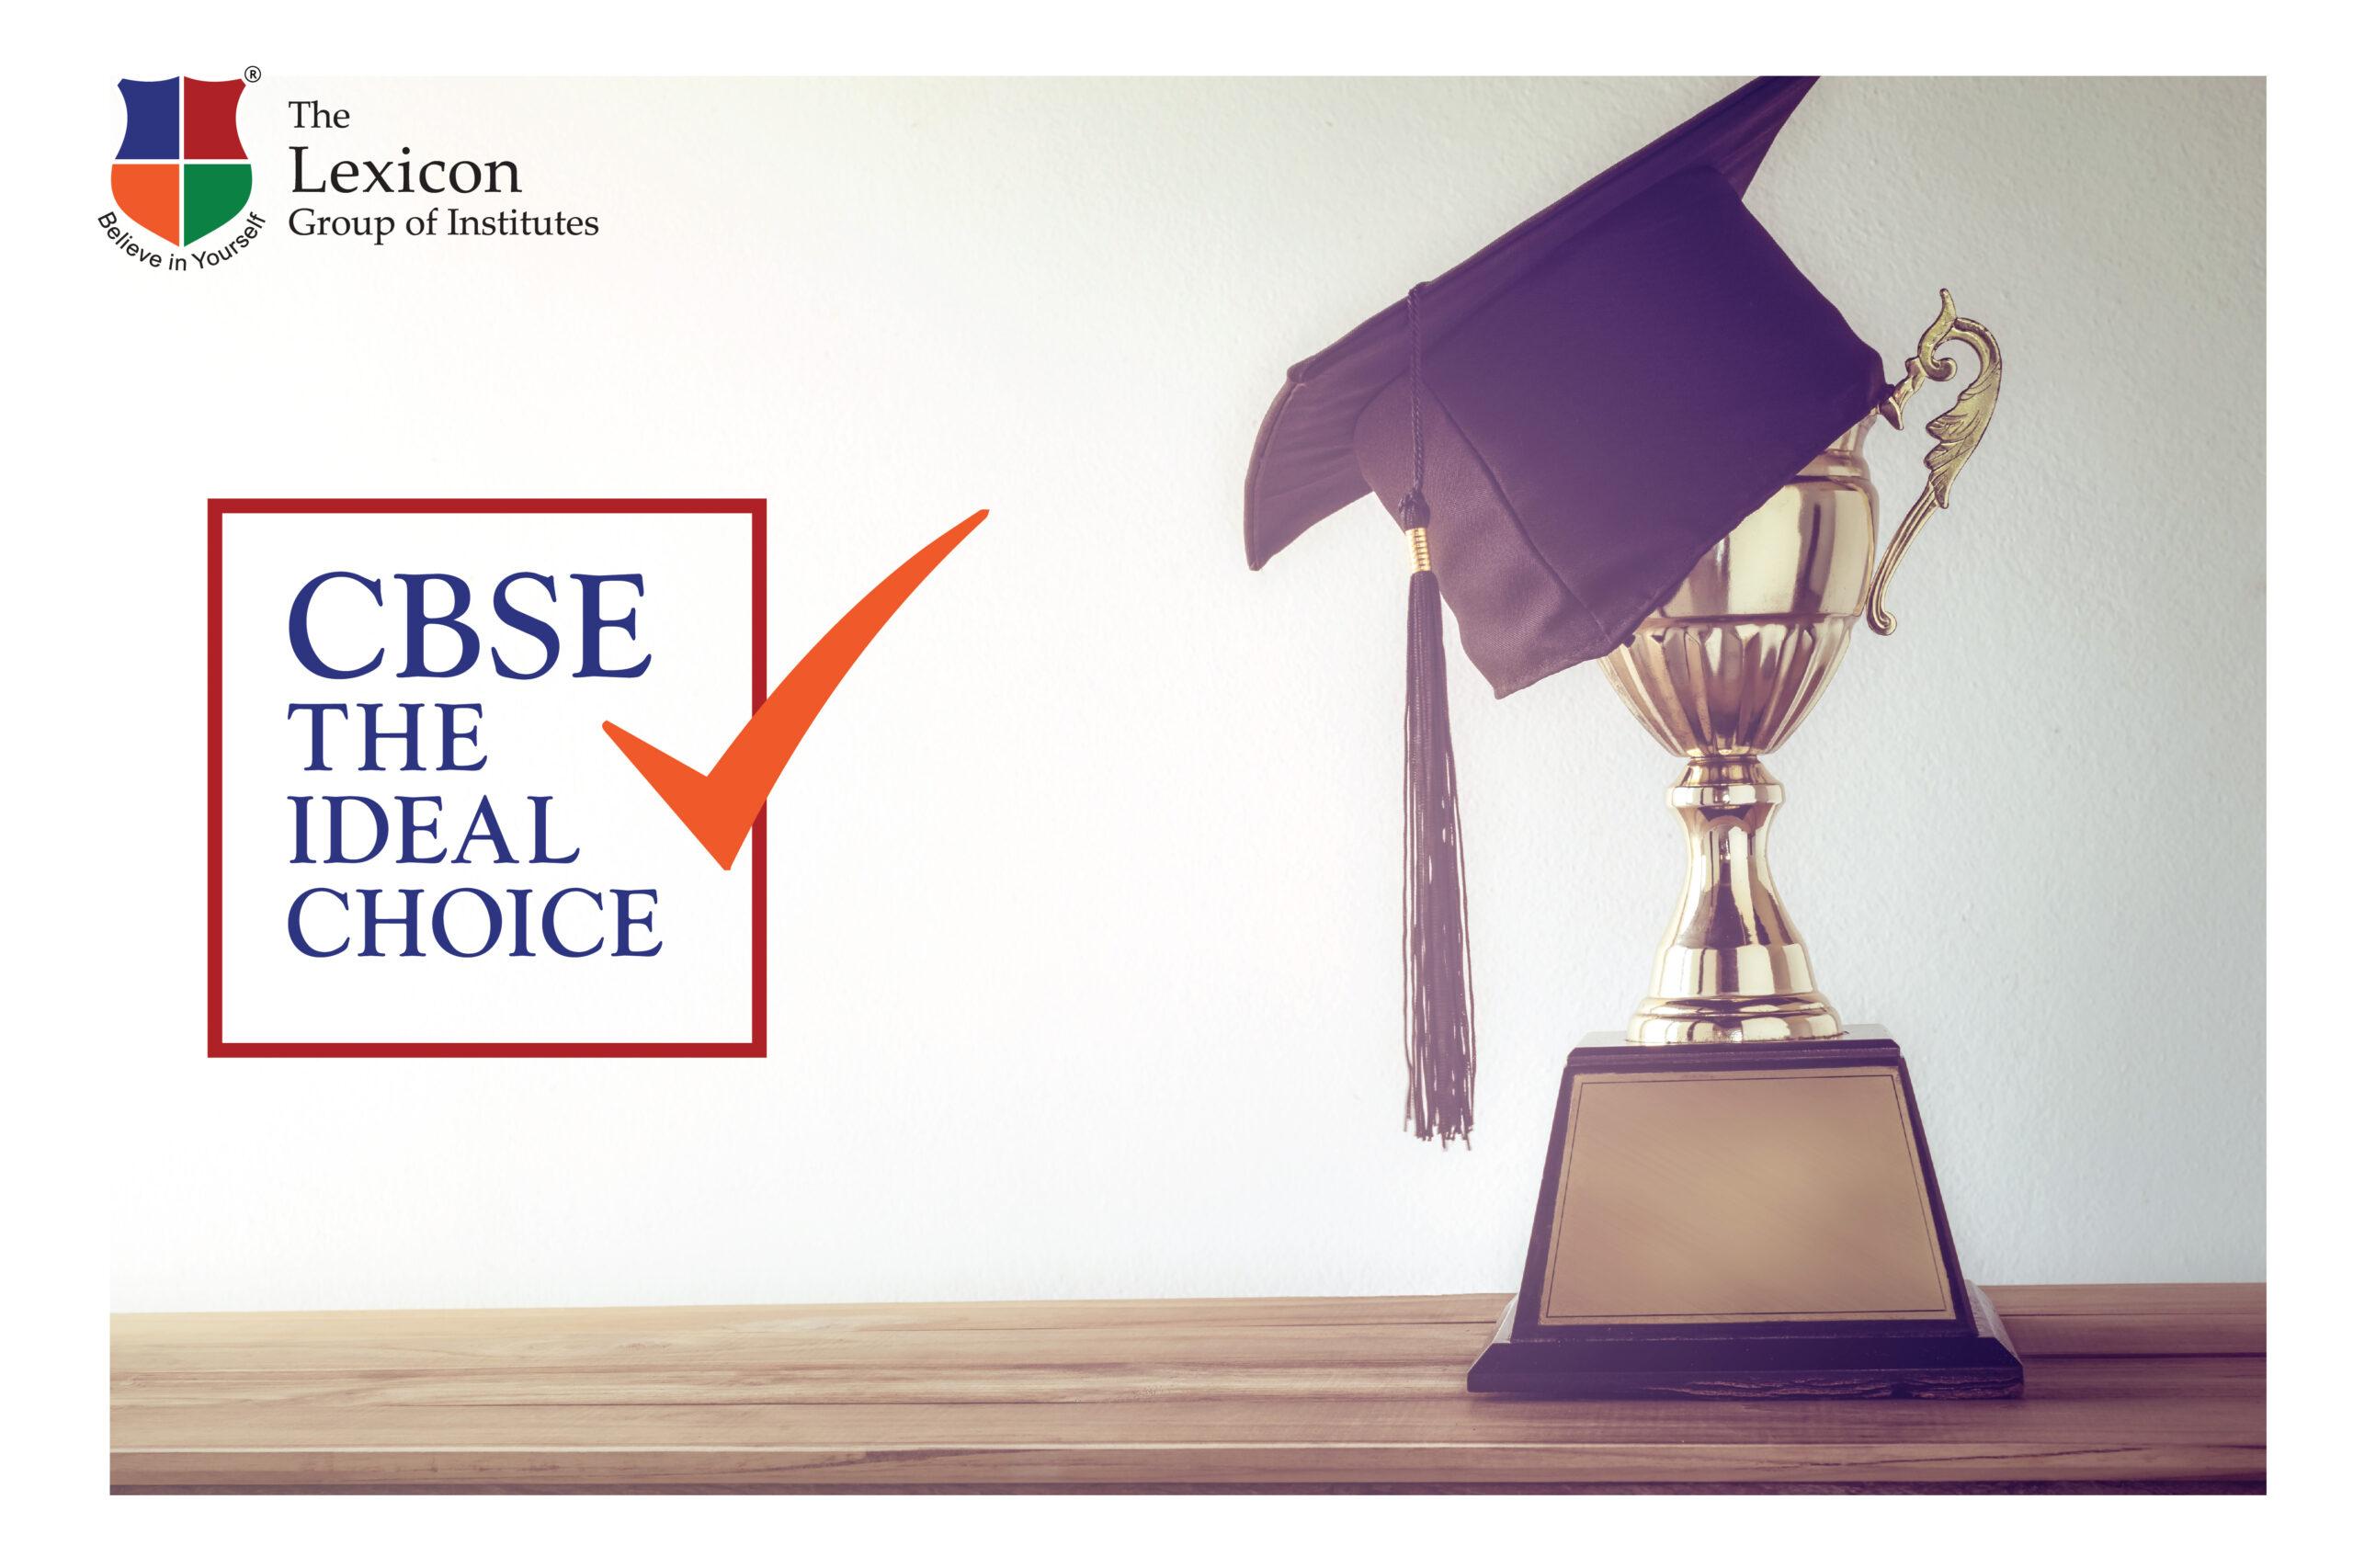 CBSE – the Ideal Choice